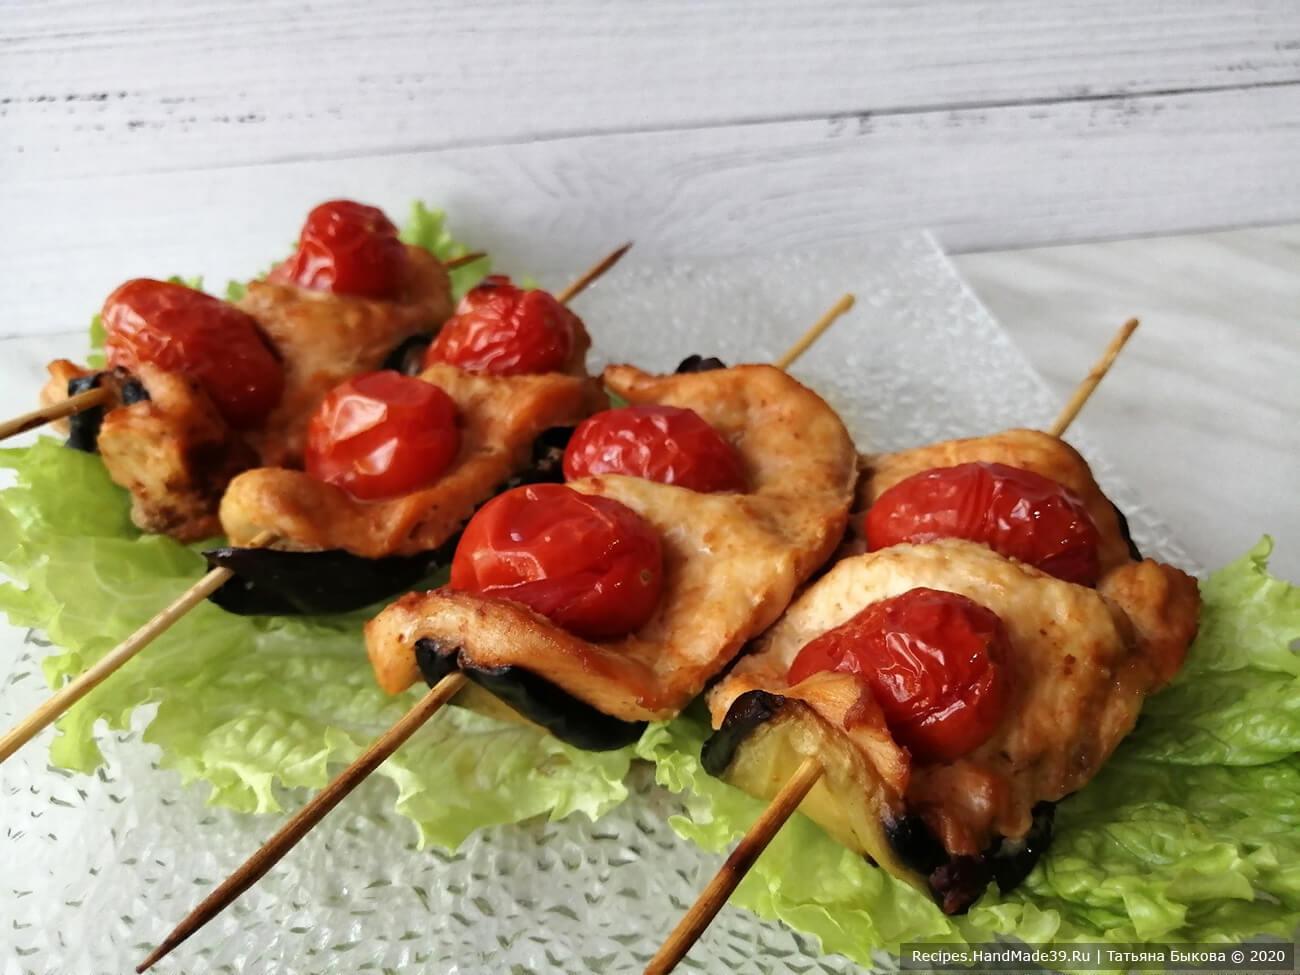 Шашлычки получаются очень красивыми, их вполне можно подавать гостям на праздник. Приятного аппетита!